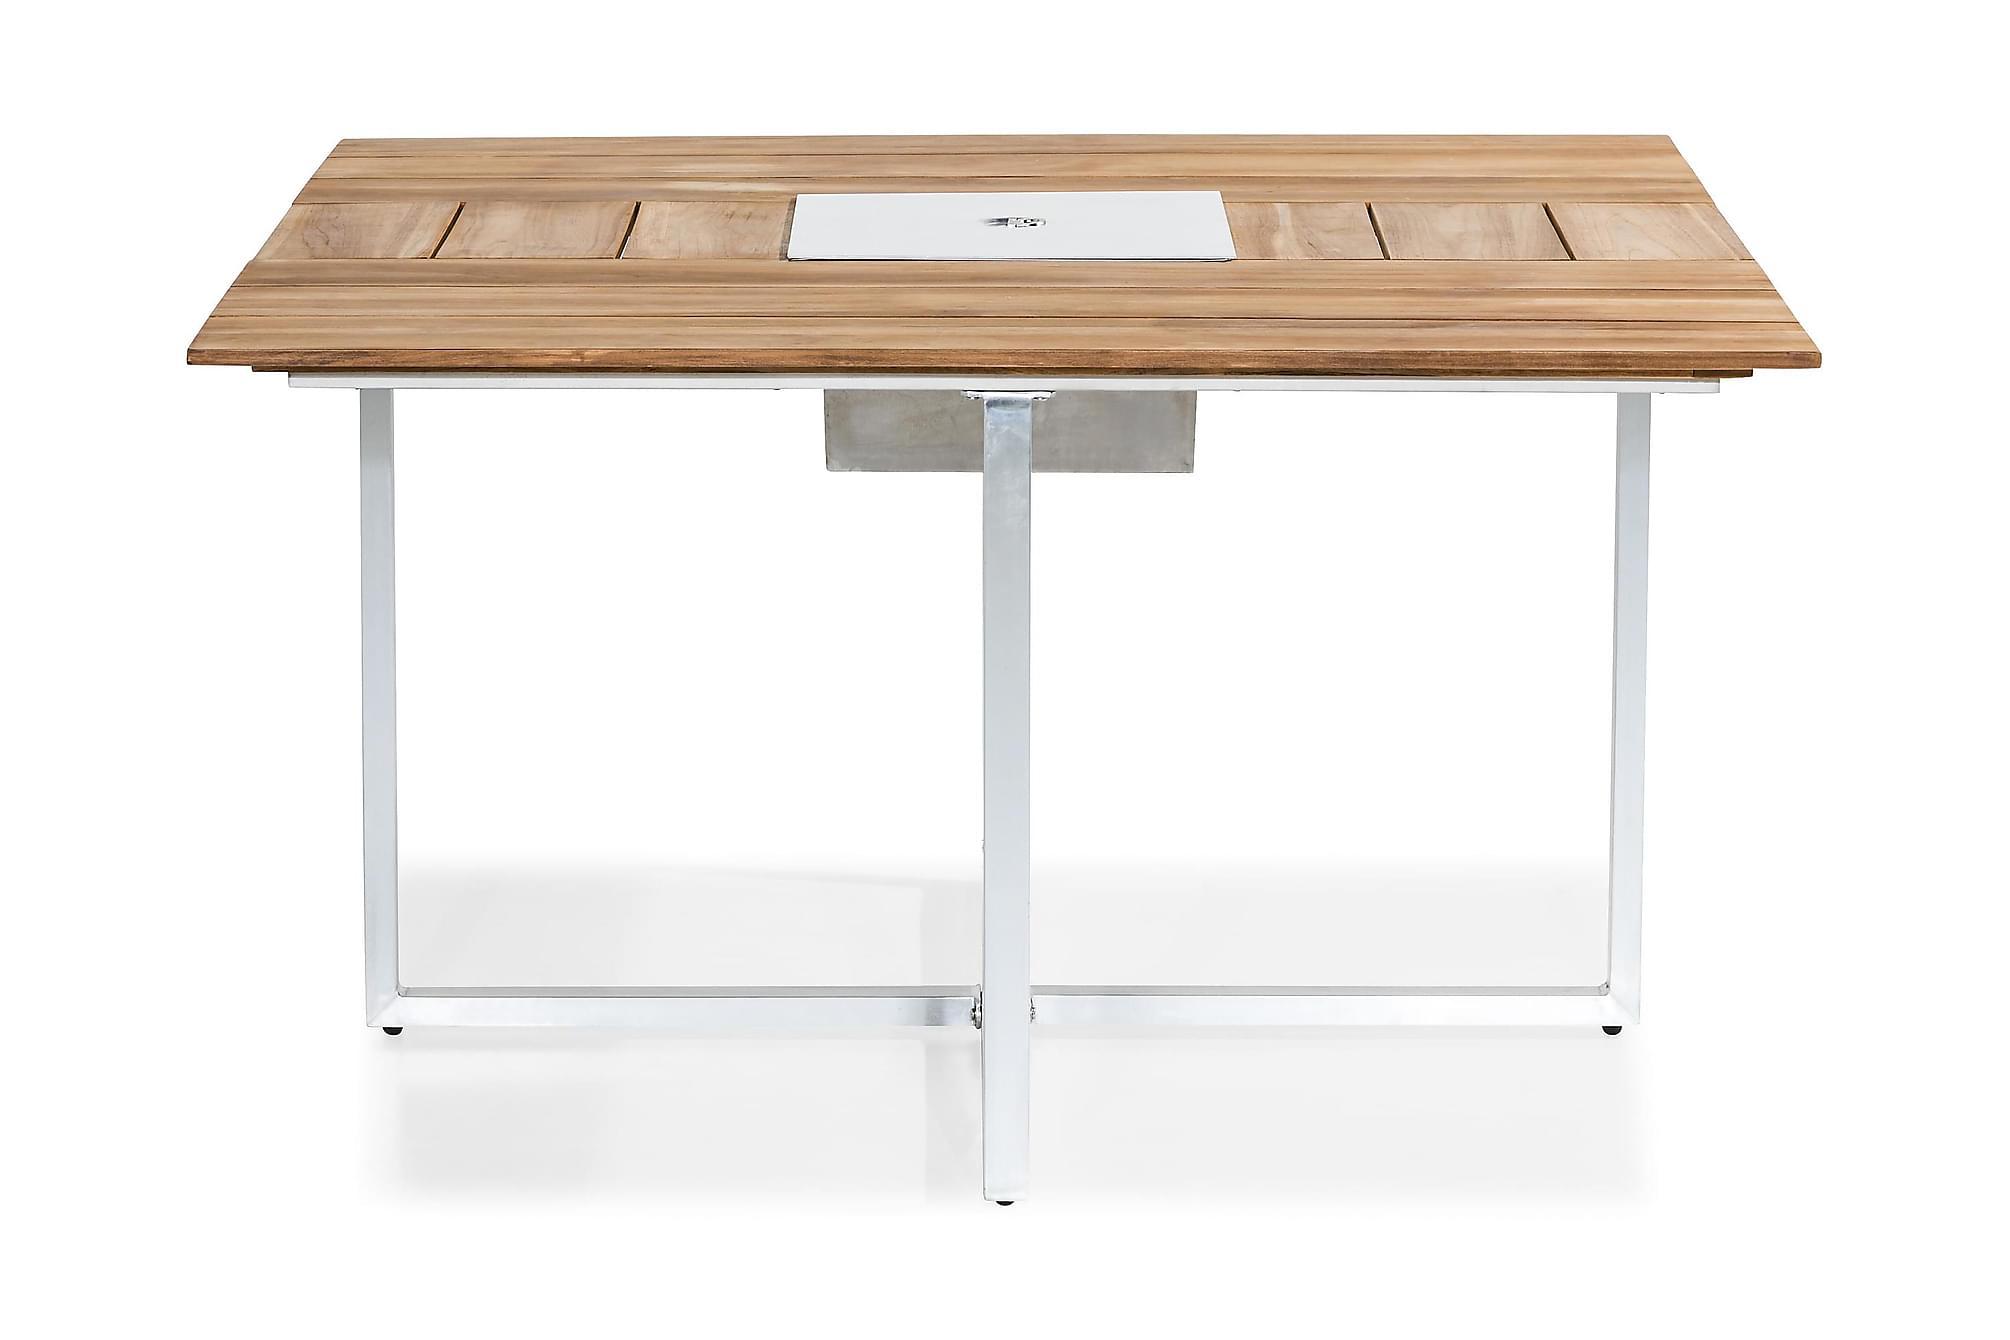 BÅSTAD Matbord 140x140 Teak/Borstad Aluminium, Balkongbord